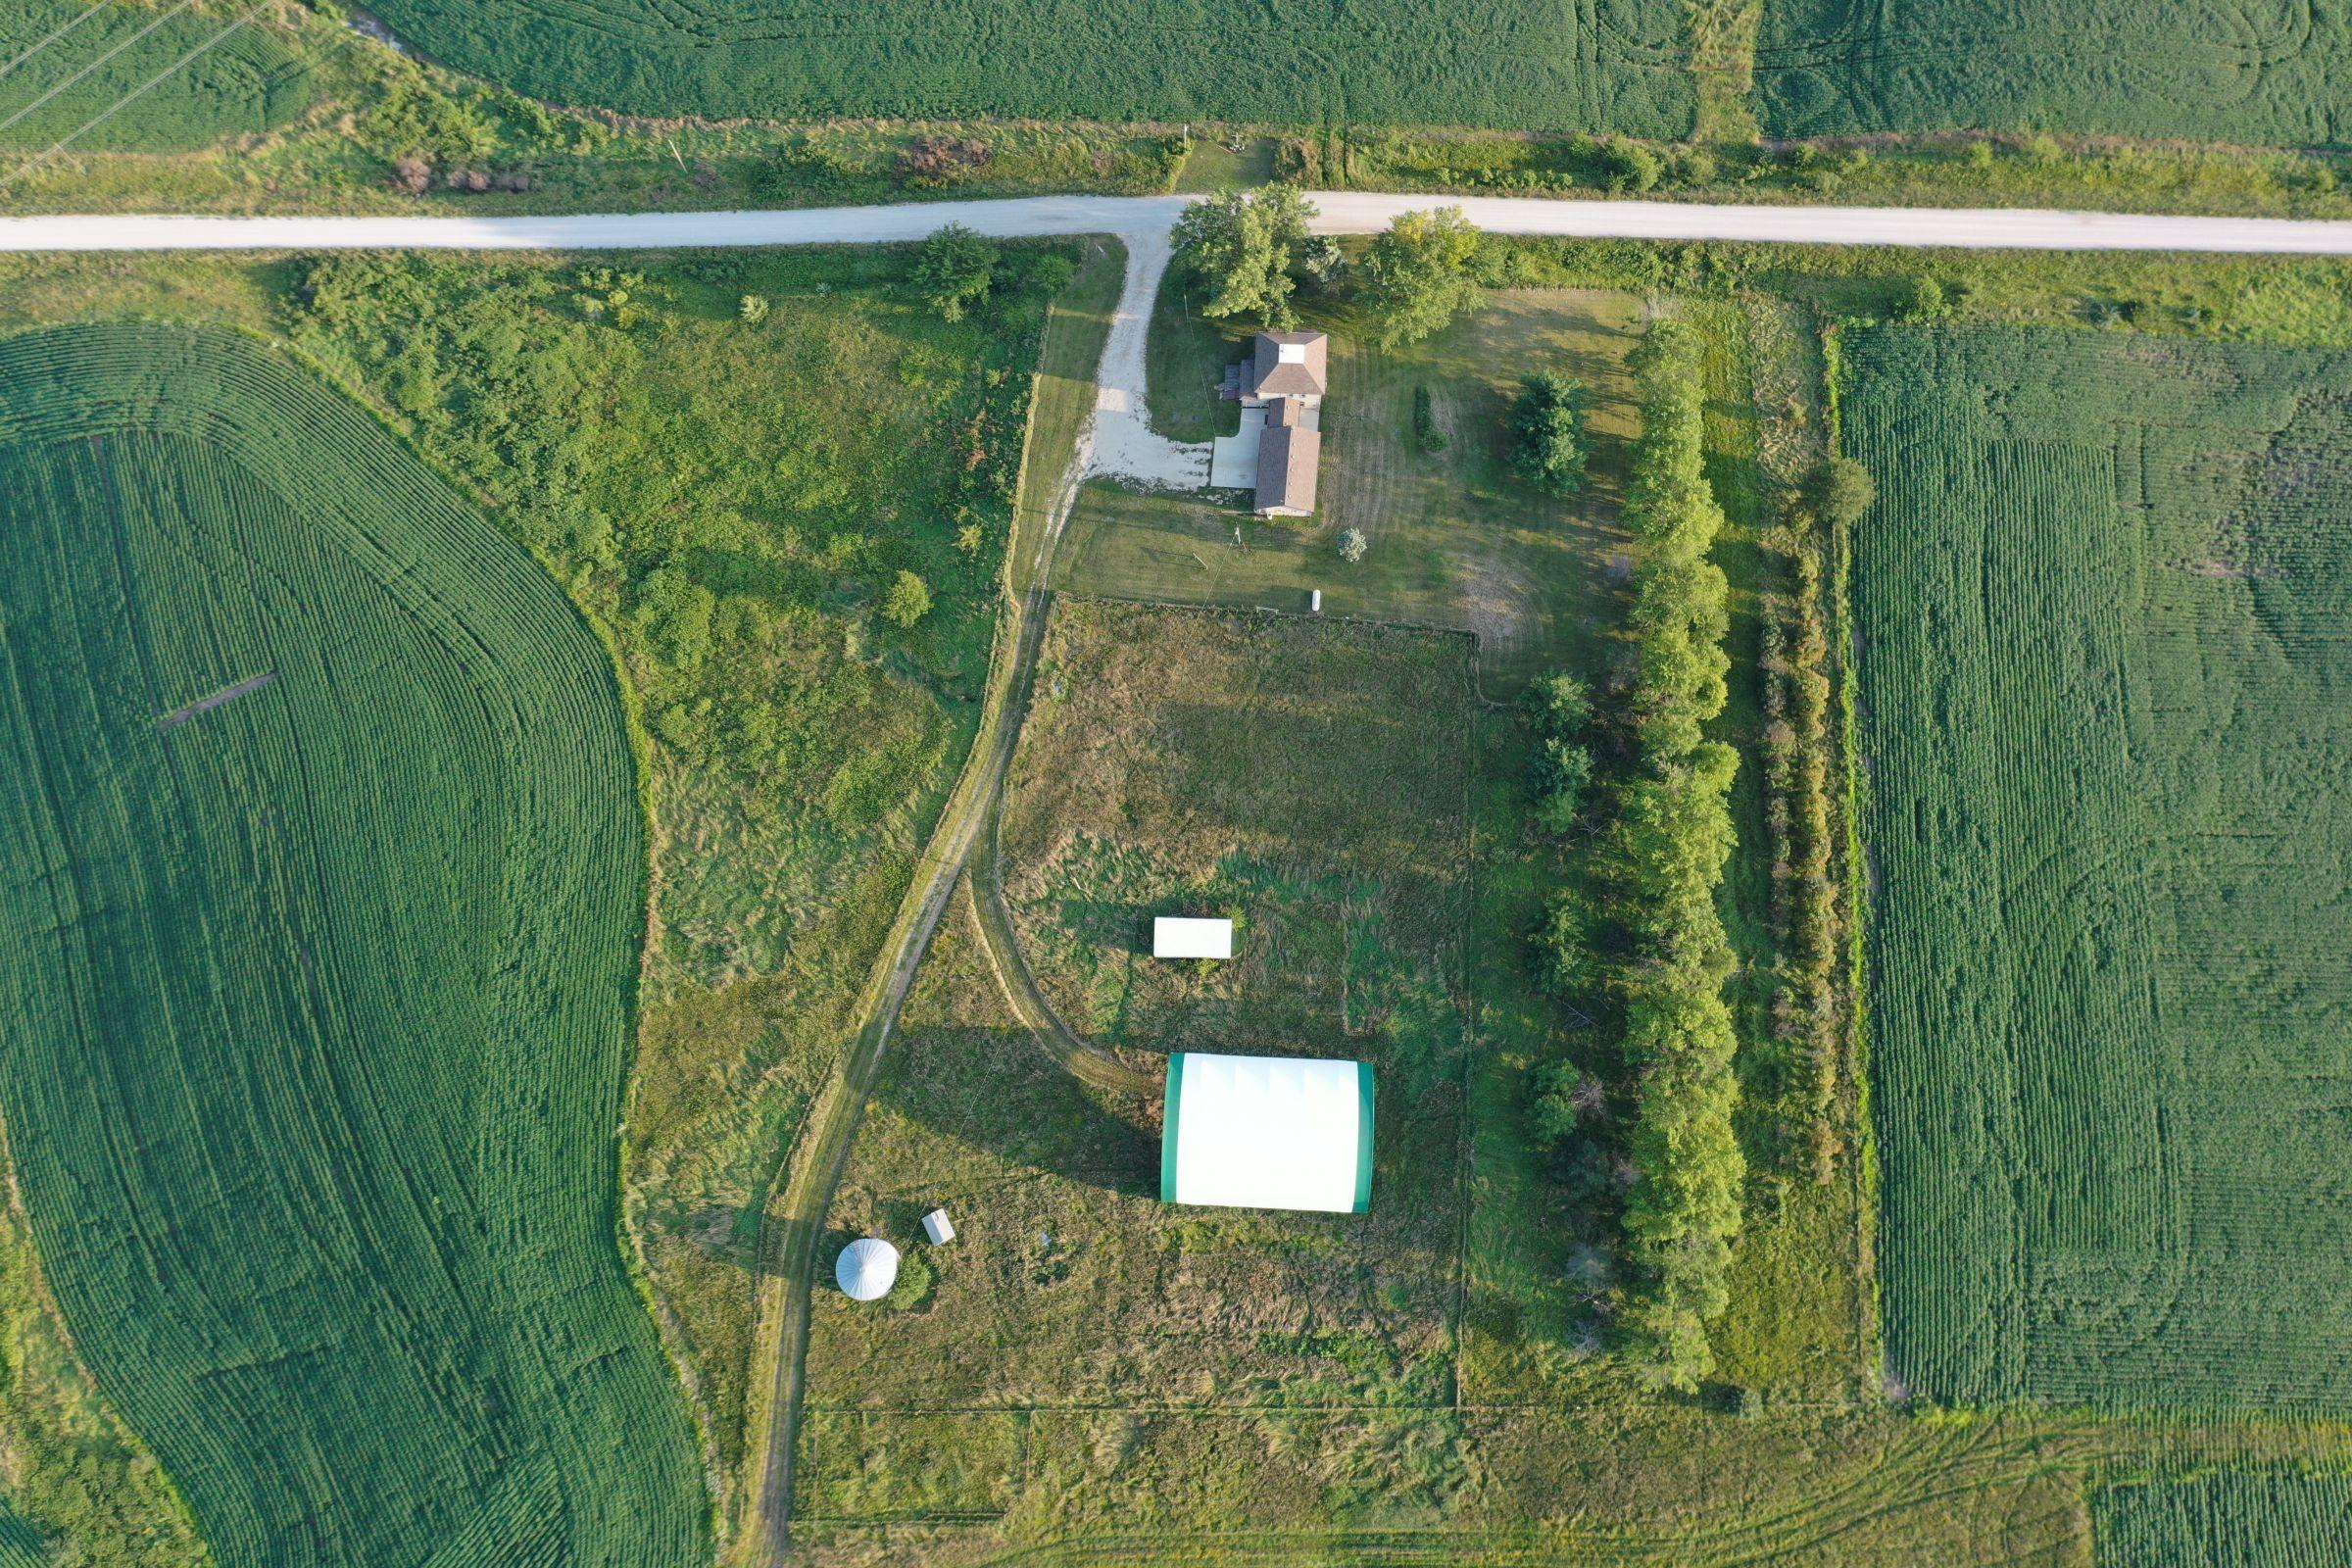 residential-adair-county-iowa-6-acres-listing-number-15664-4-2021-08-04-193347.JPG